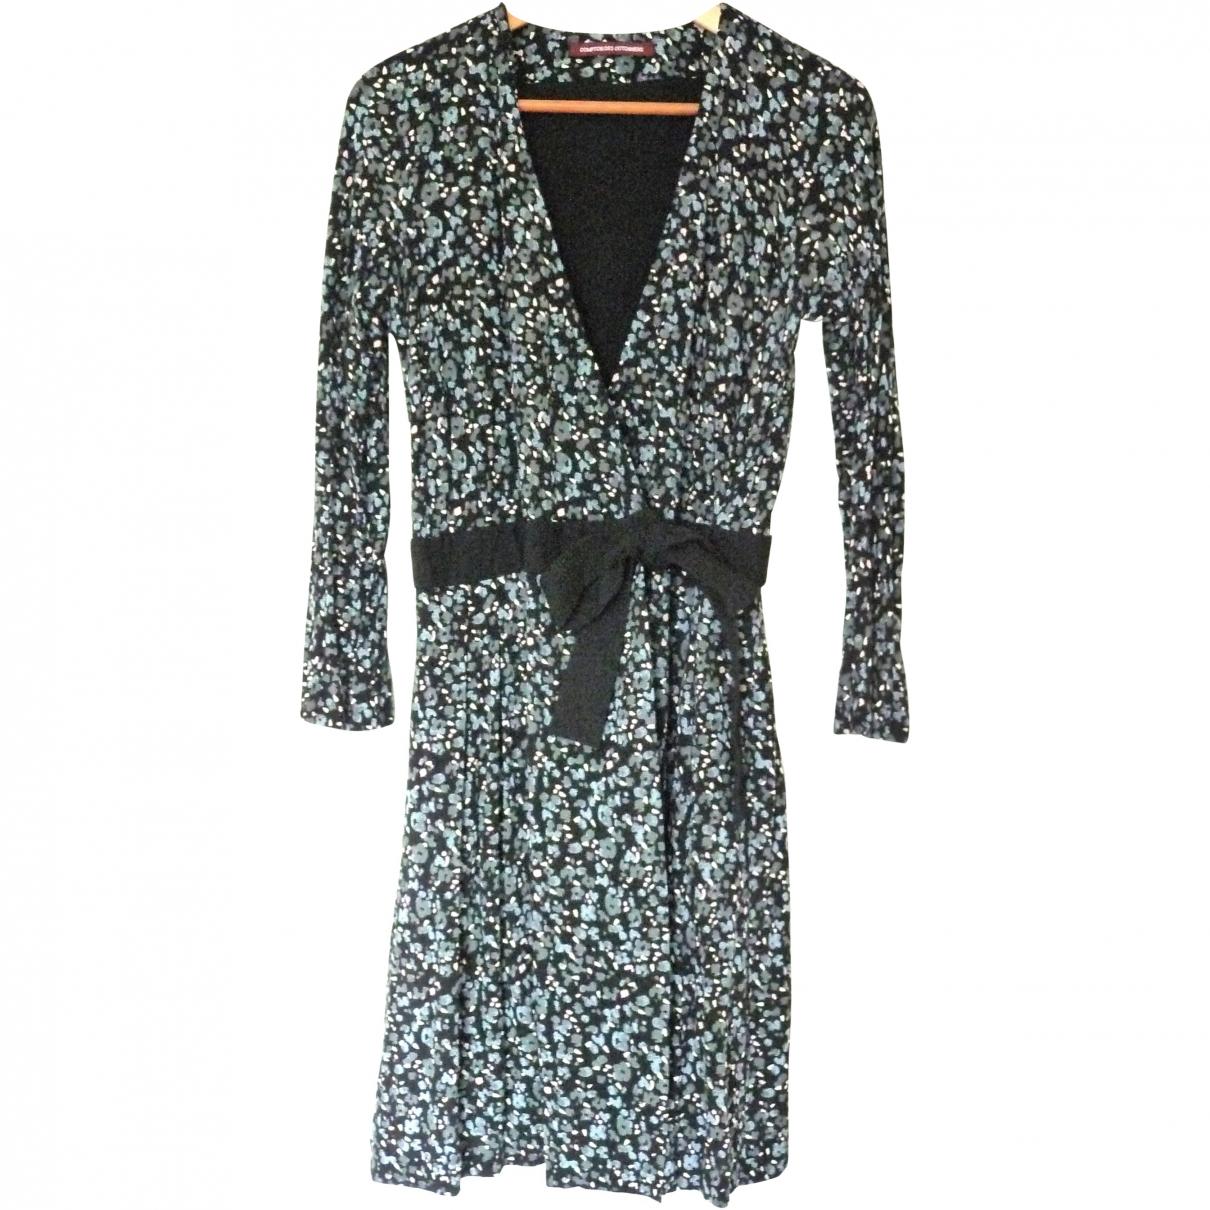 Comptoir Des Cotonniers \N Blue dress for Women 38 FR